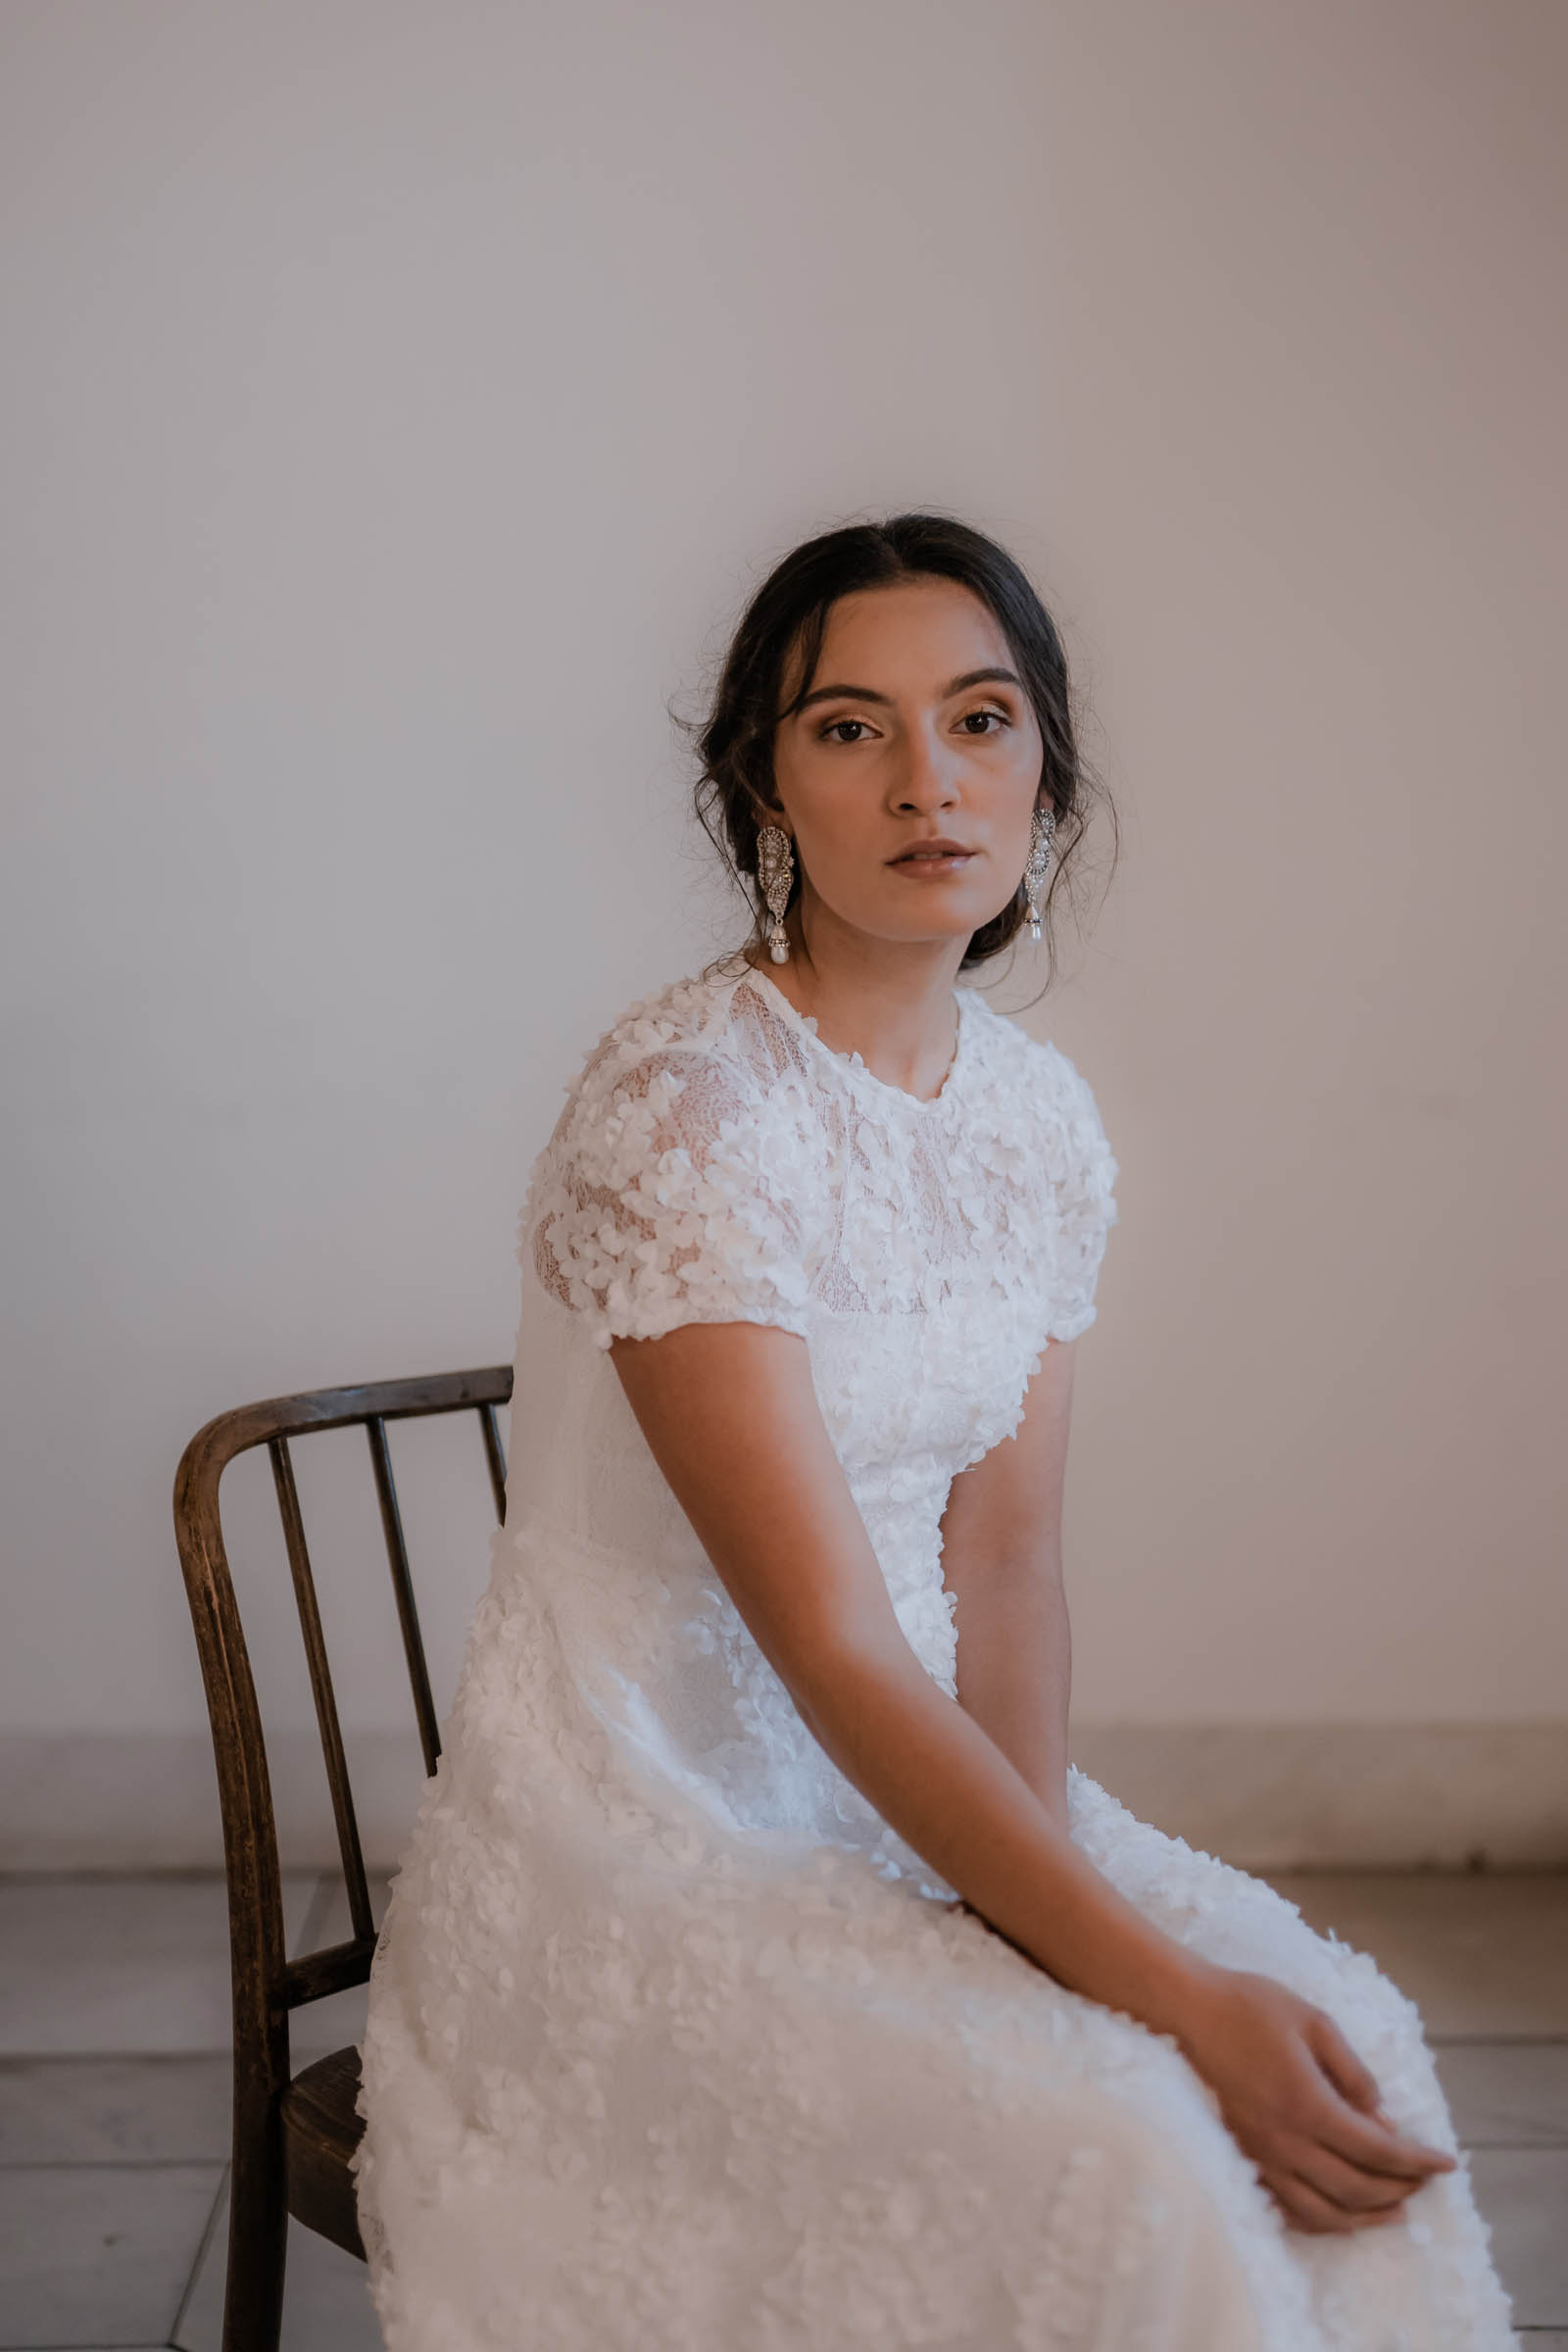 boho-svadobne-saty-veronika-kostkova-wedding-atelier-2019-rosa-1